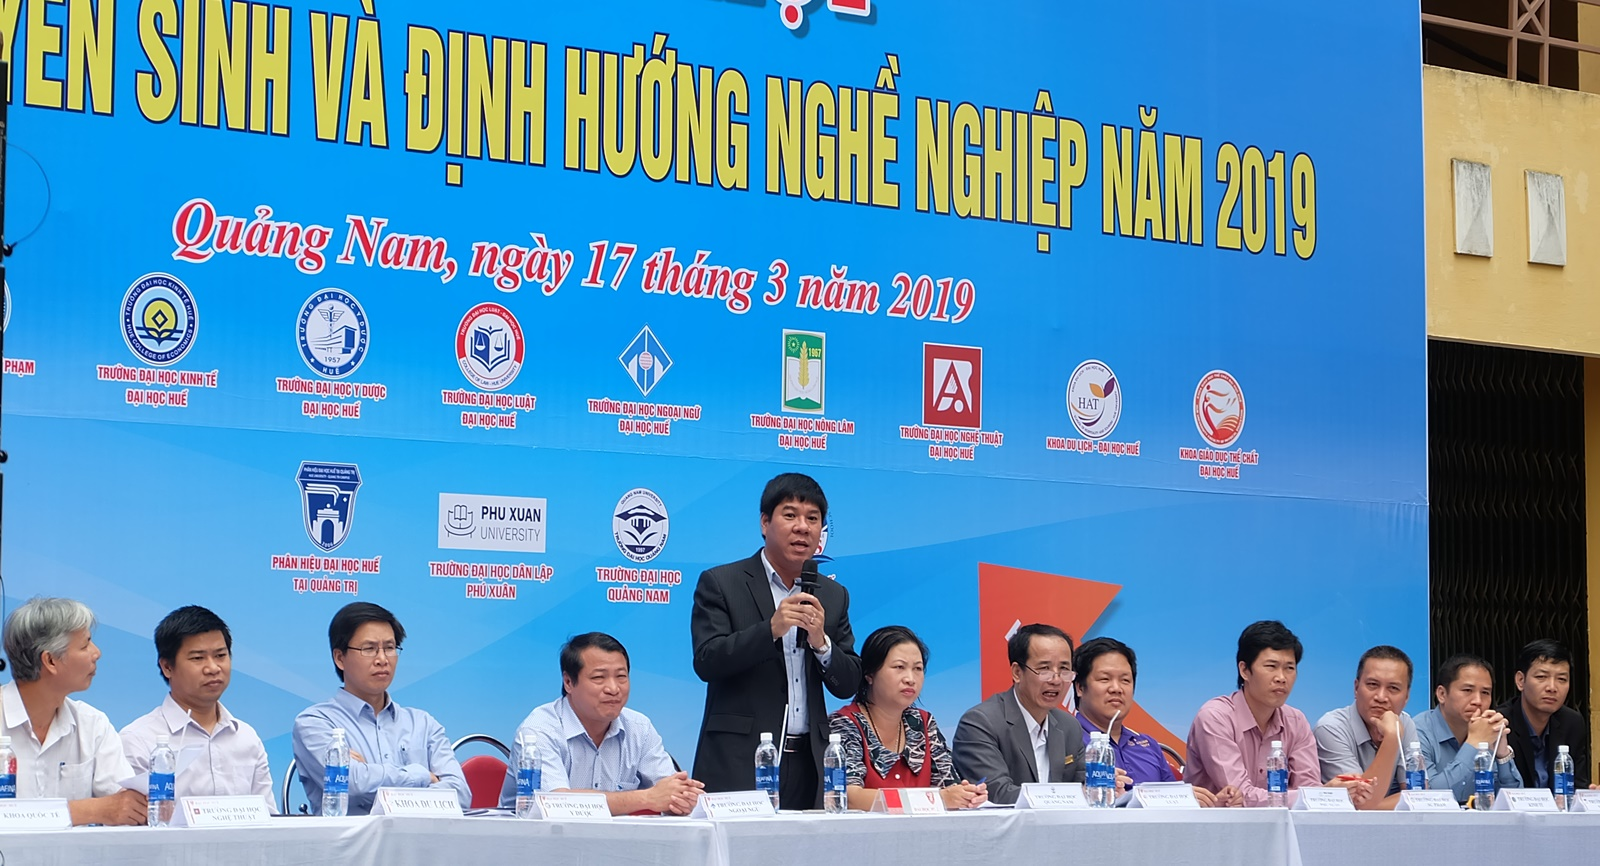 PGS.TS Huỳnh Văn Chương - PGĐ Đại học Huế trả lời các câu hỏi của học sinh. Ảnh: M.L